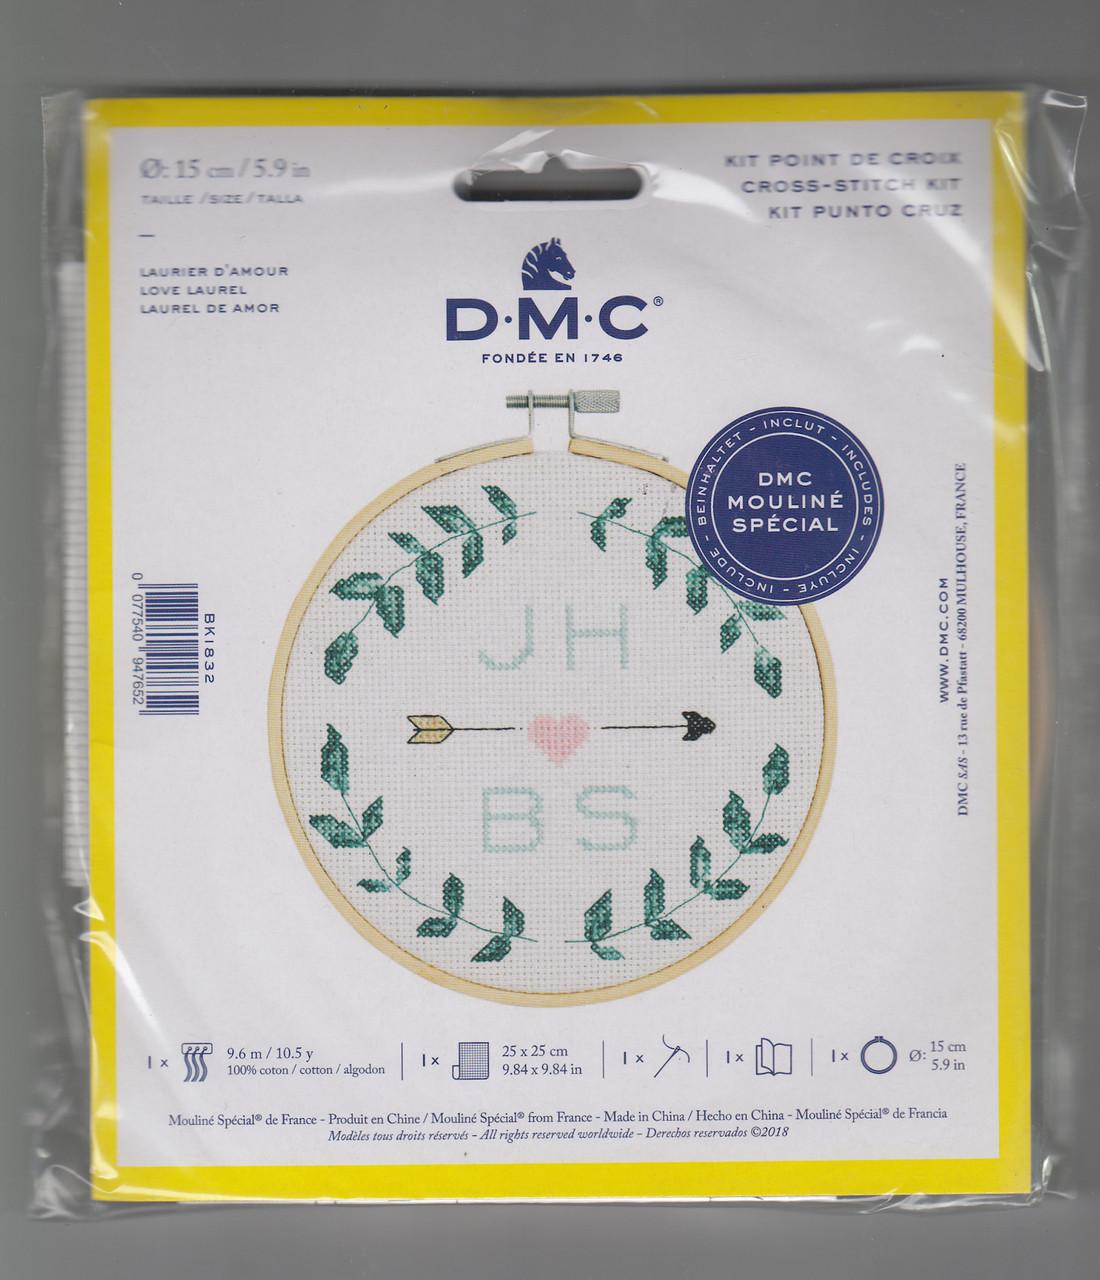 DMC - Love Laurel